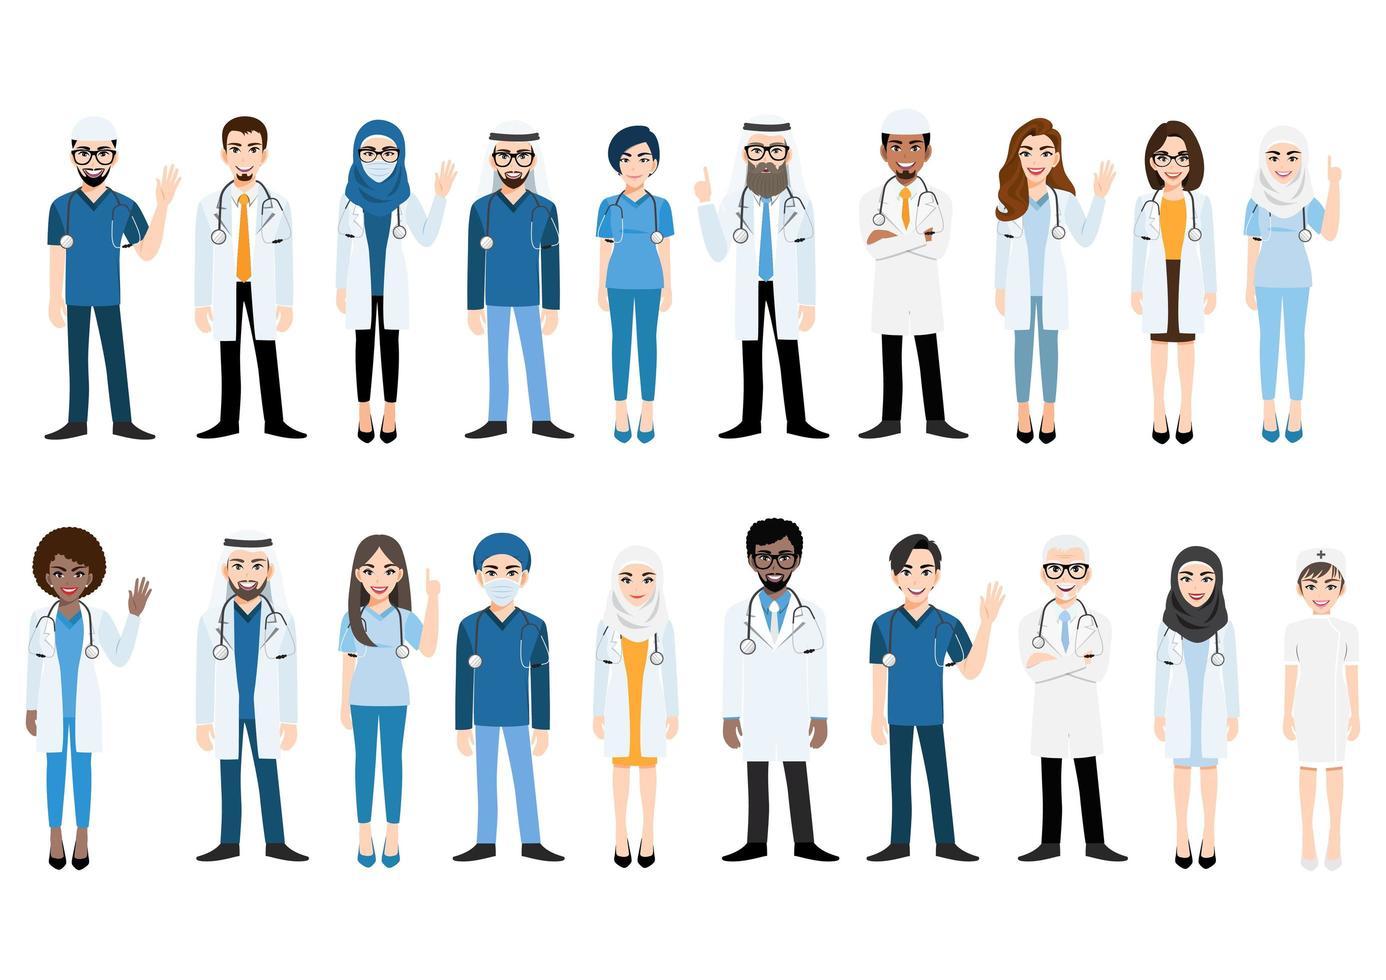 personnage de dessin animé avec équipe médicale et personnel vecteur